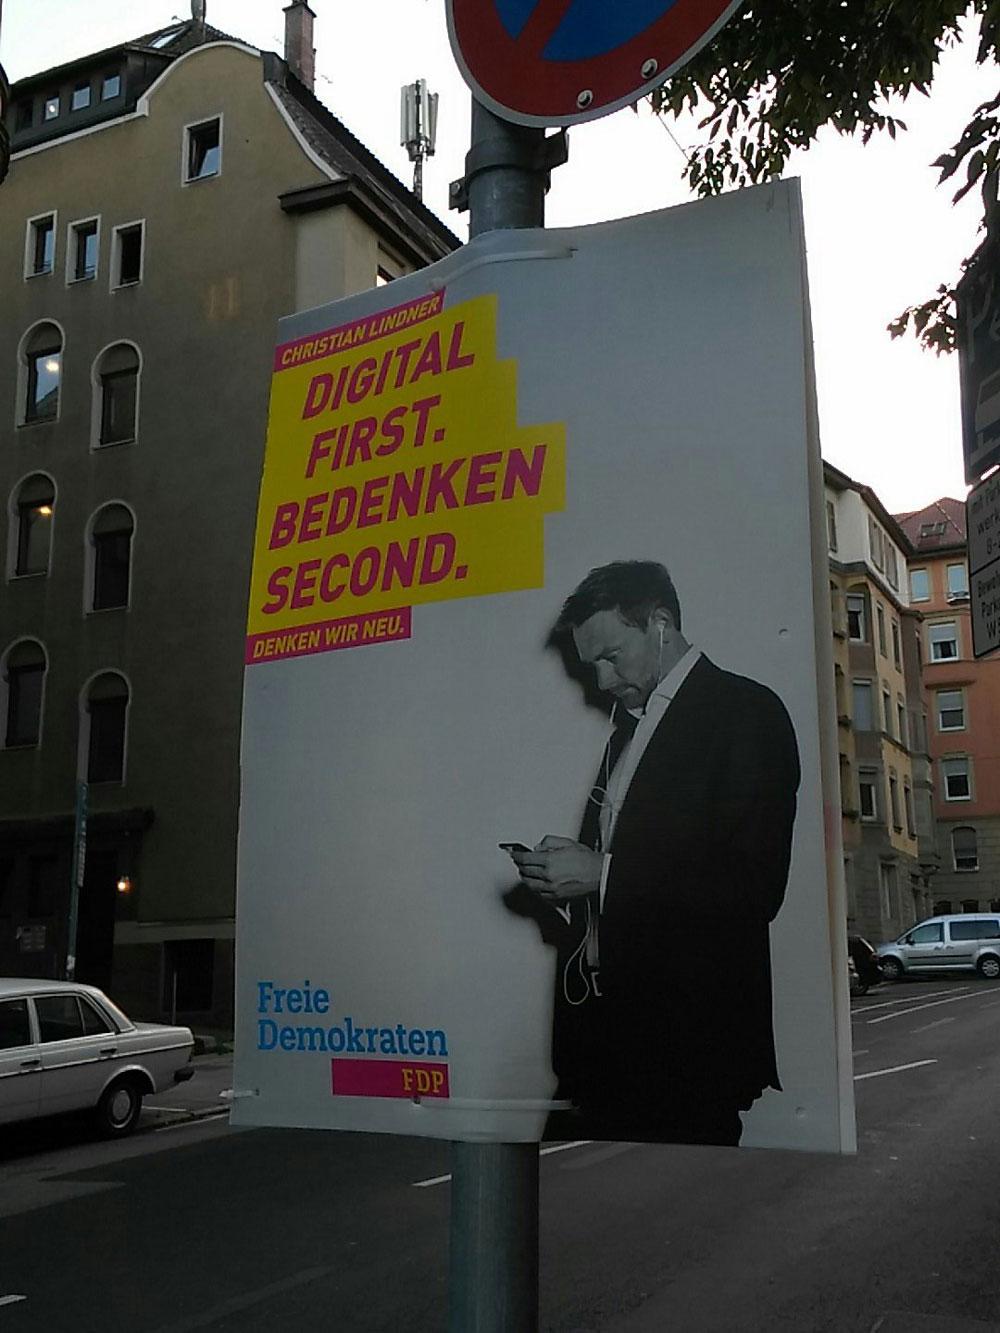 Wahlplakate 2017: Die FDP gewinnt. Zumindest aus graphischer Sicht.